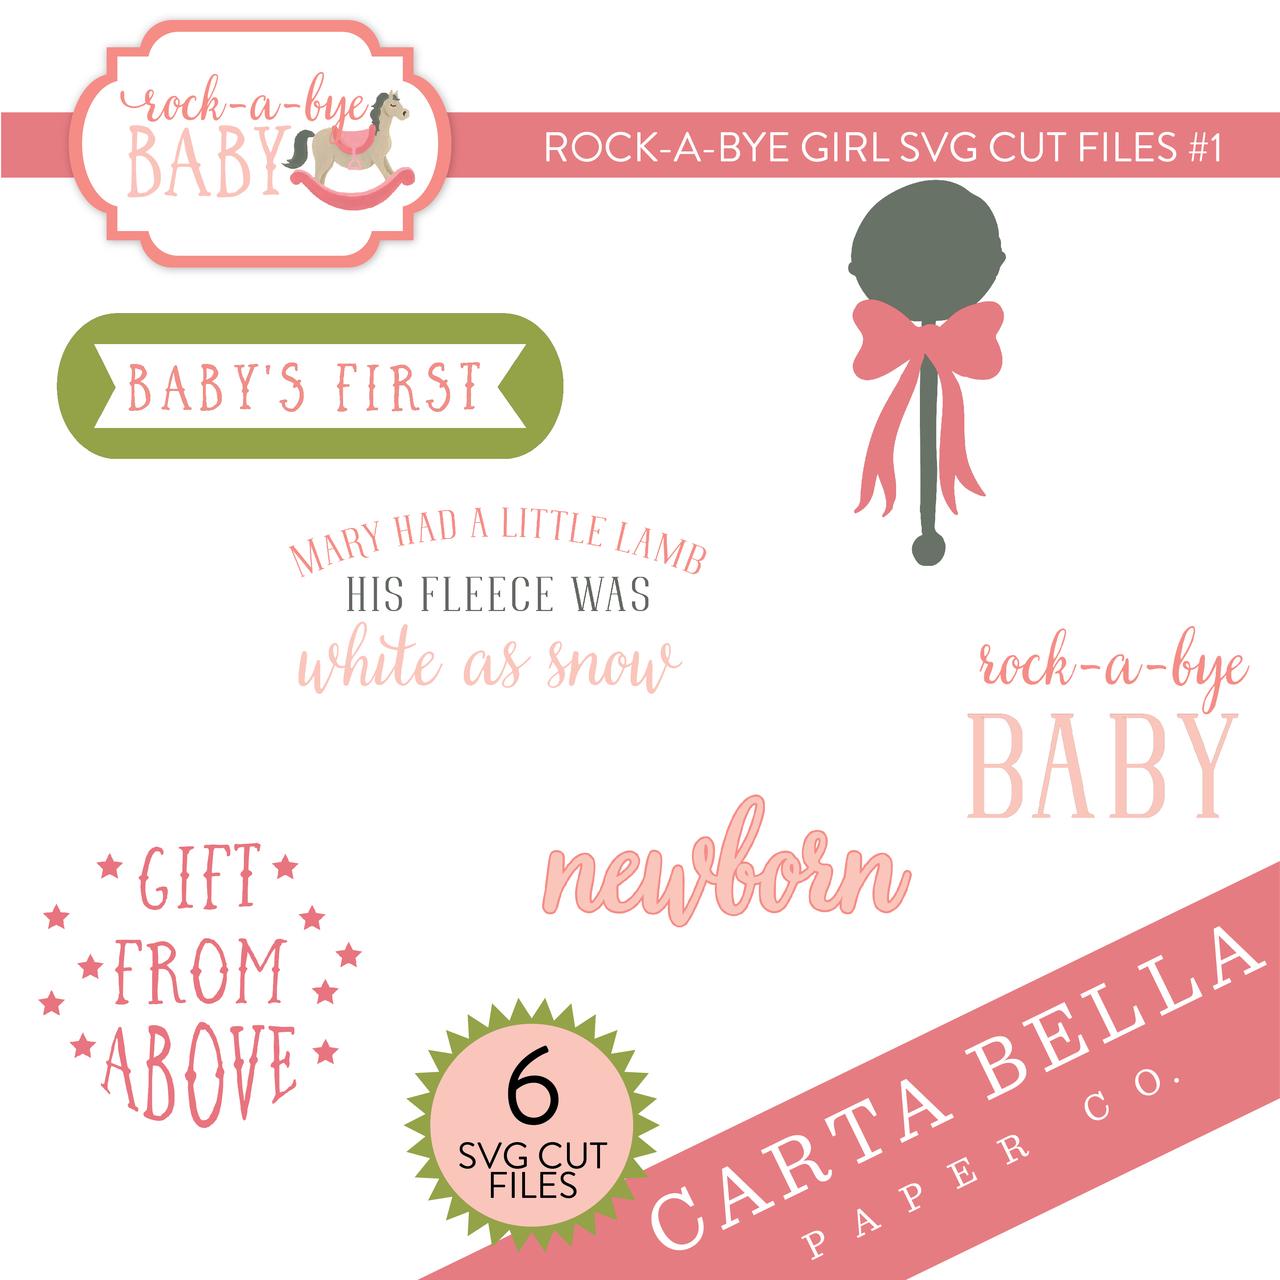 Rock A Bye Girl SVG Cut Files #1